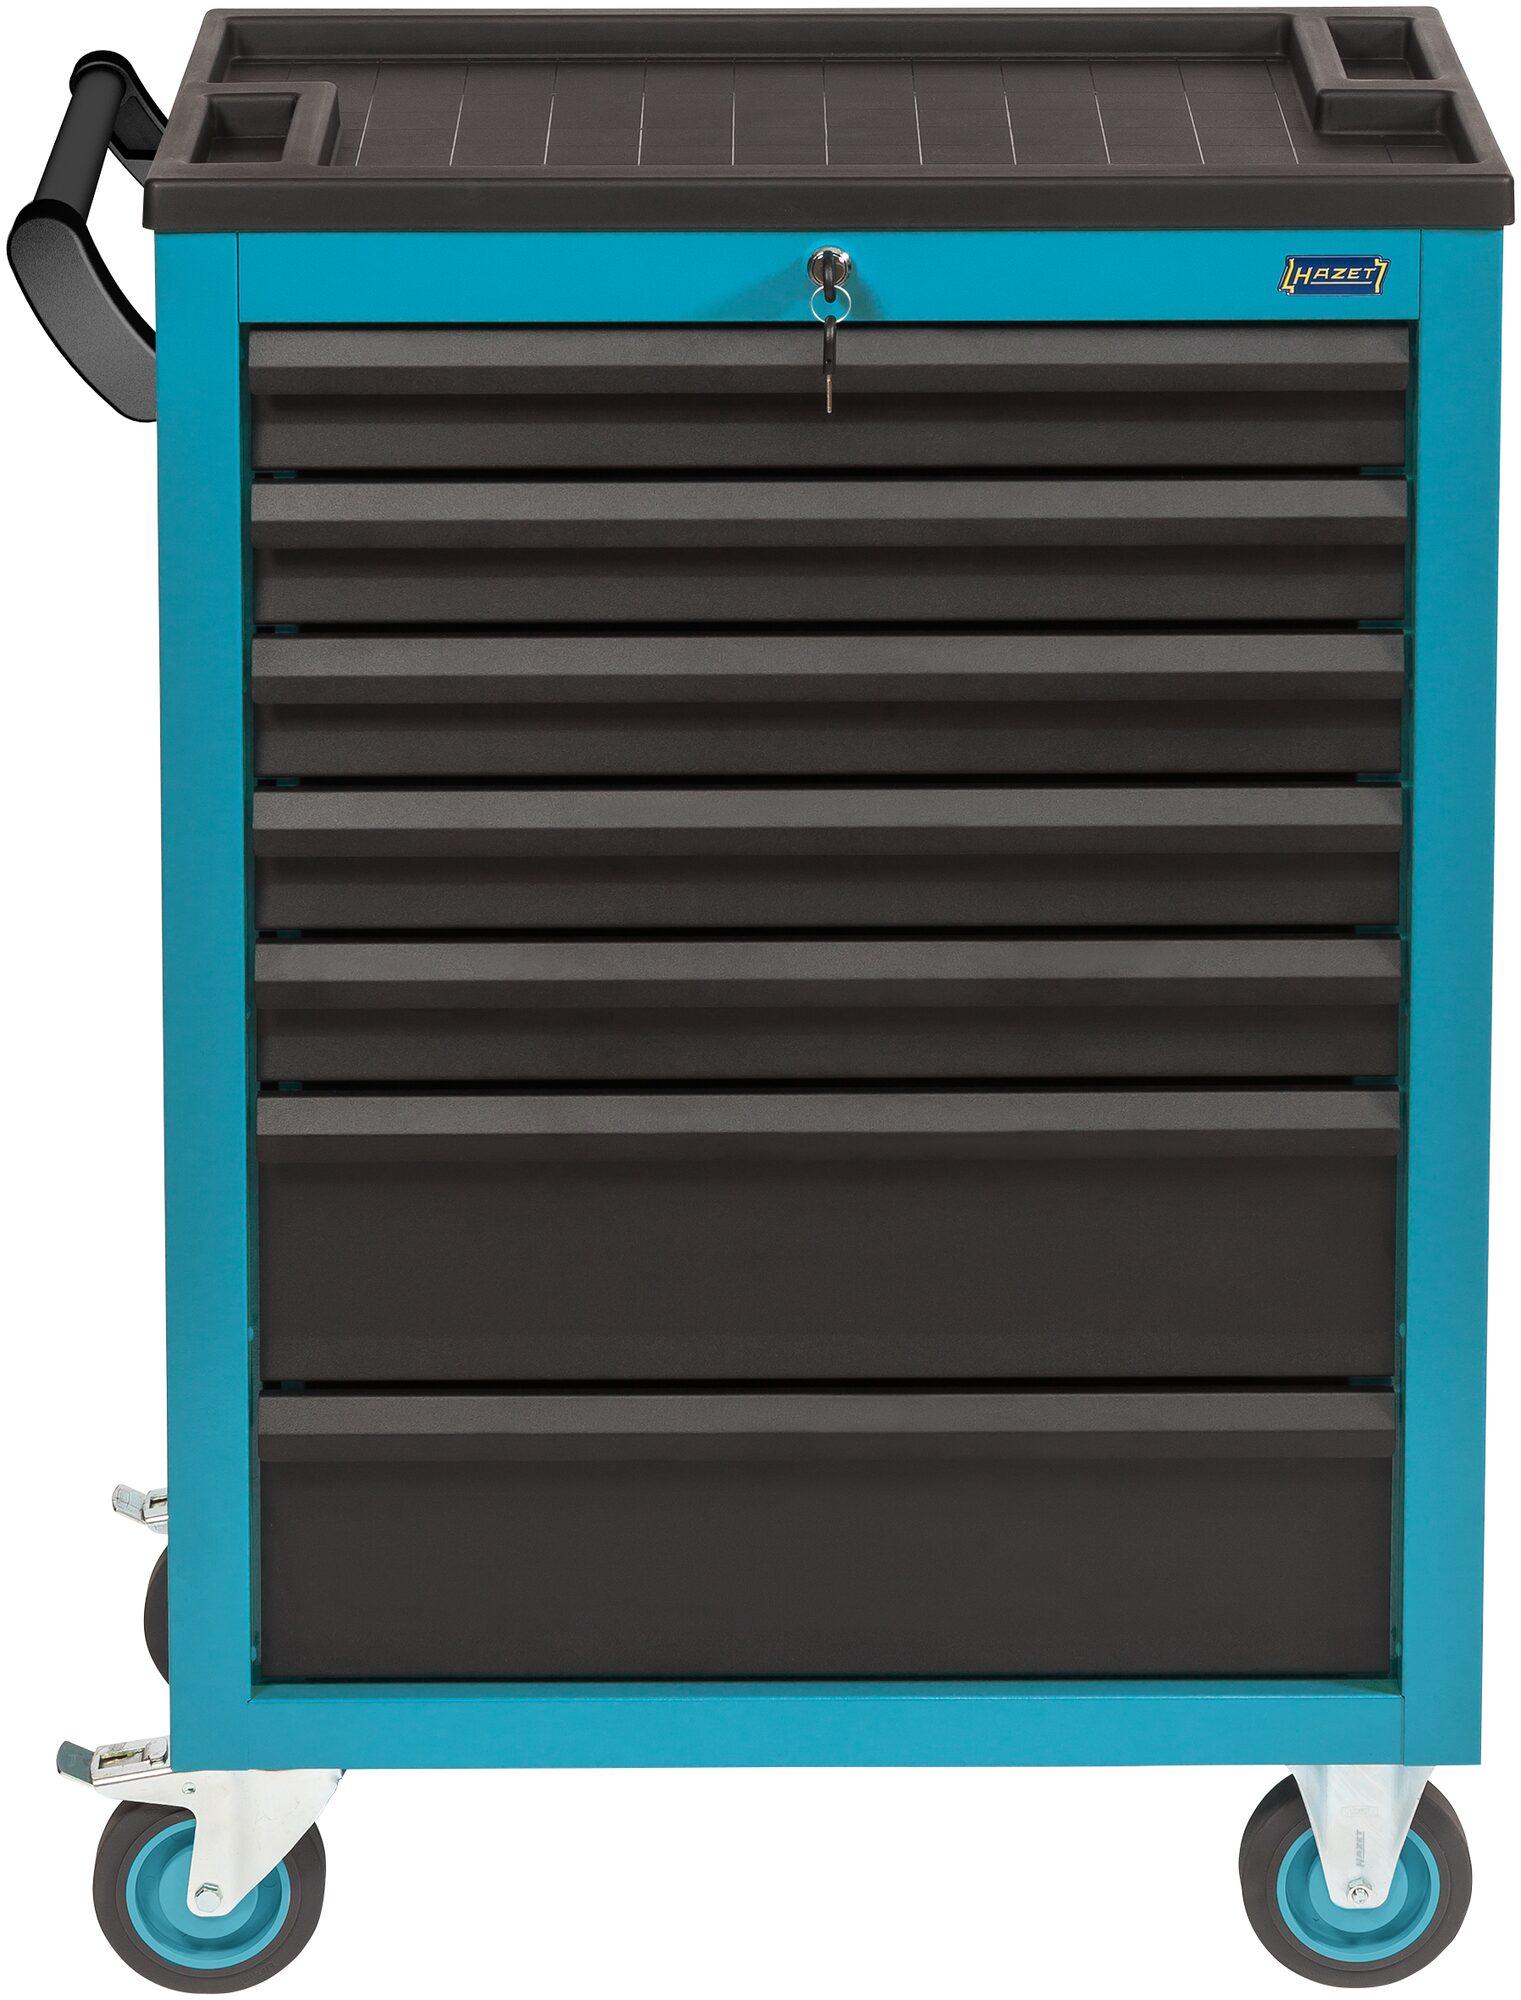 HAZET Werkstattwagen Assistent 178N-7 ∙ Schubladen, flach: 5x 80x527x348 mm